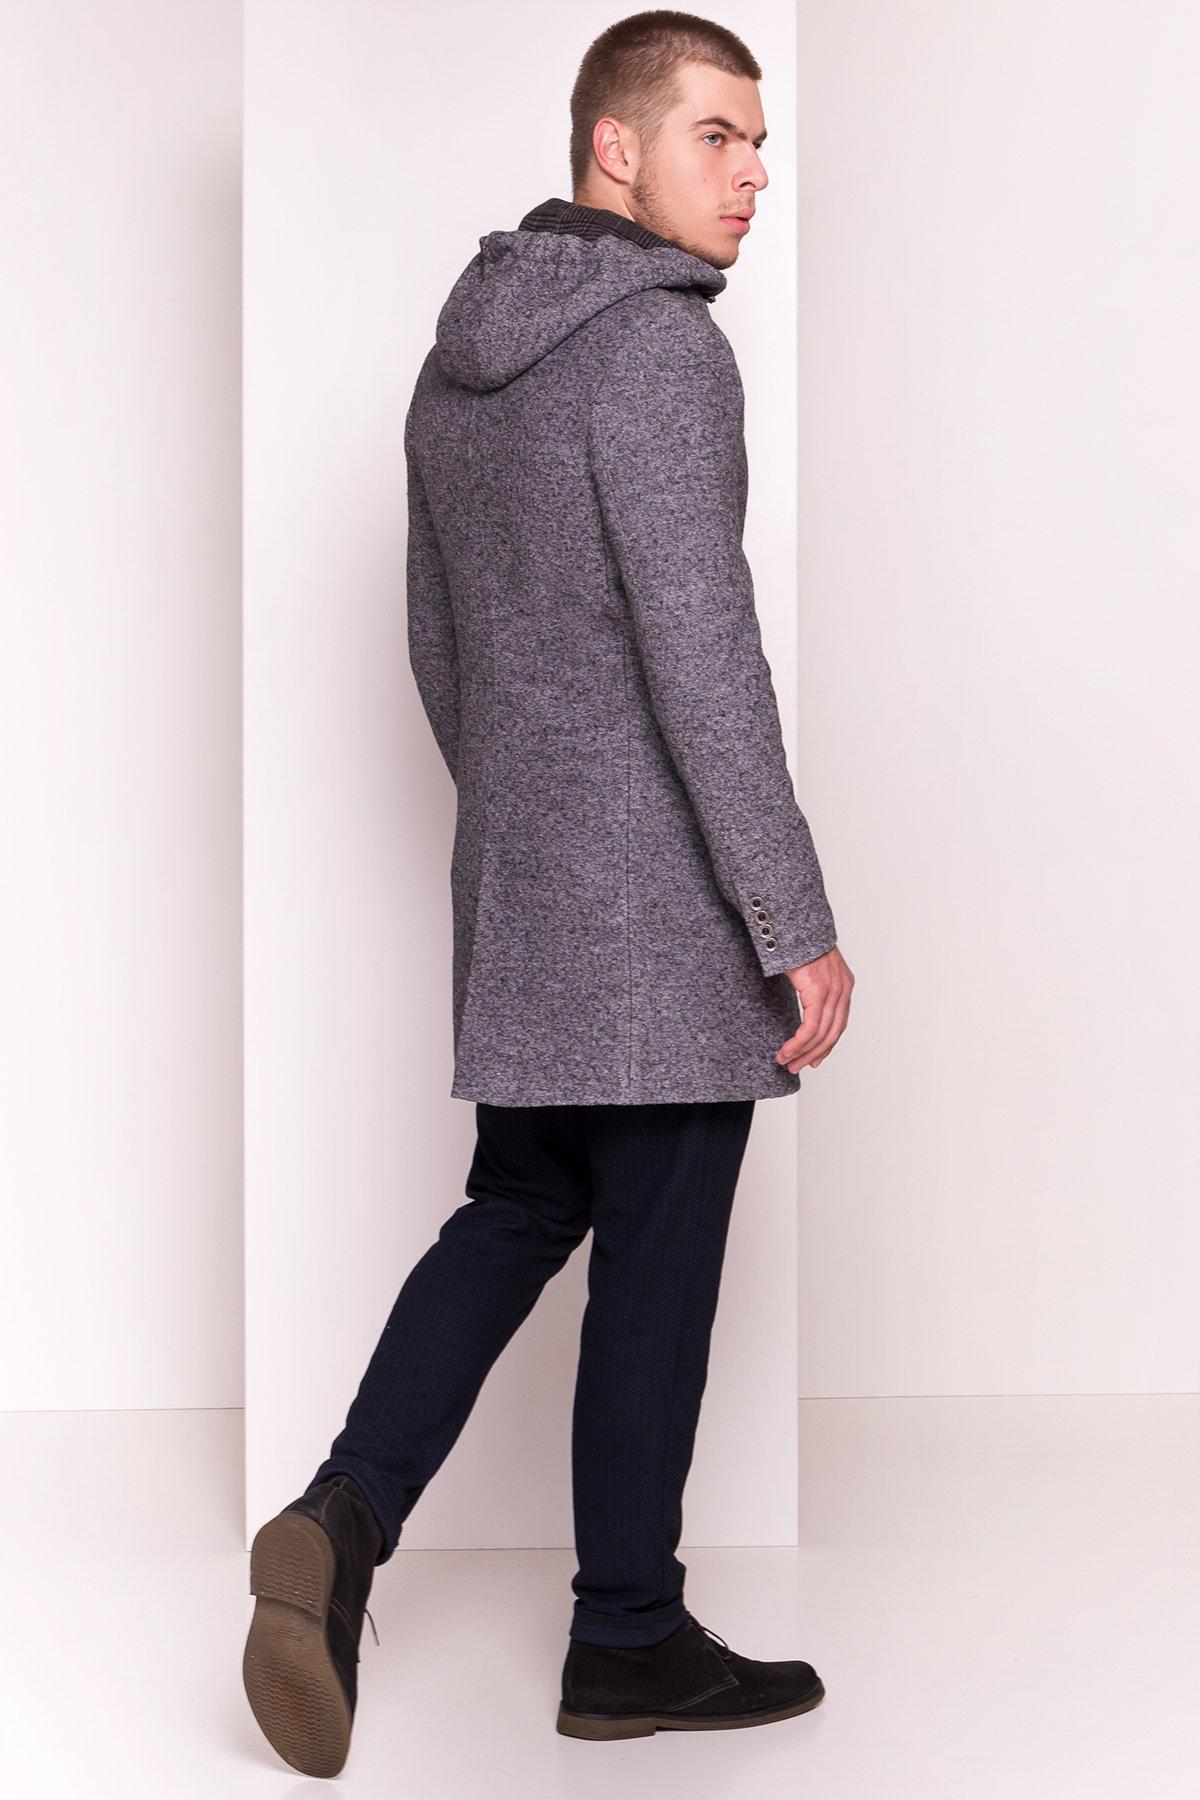 Пальто мужское Киану 5233 Цвет: Серый Темный LW-5